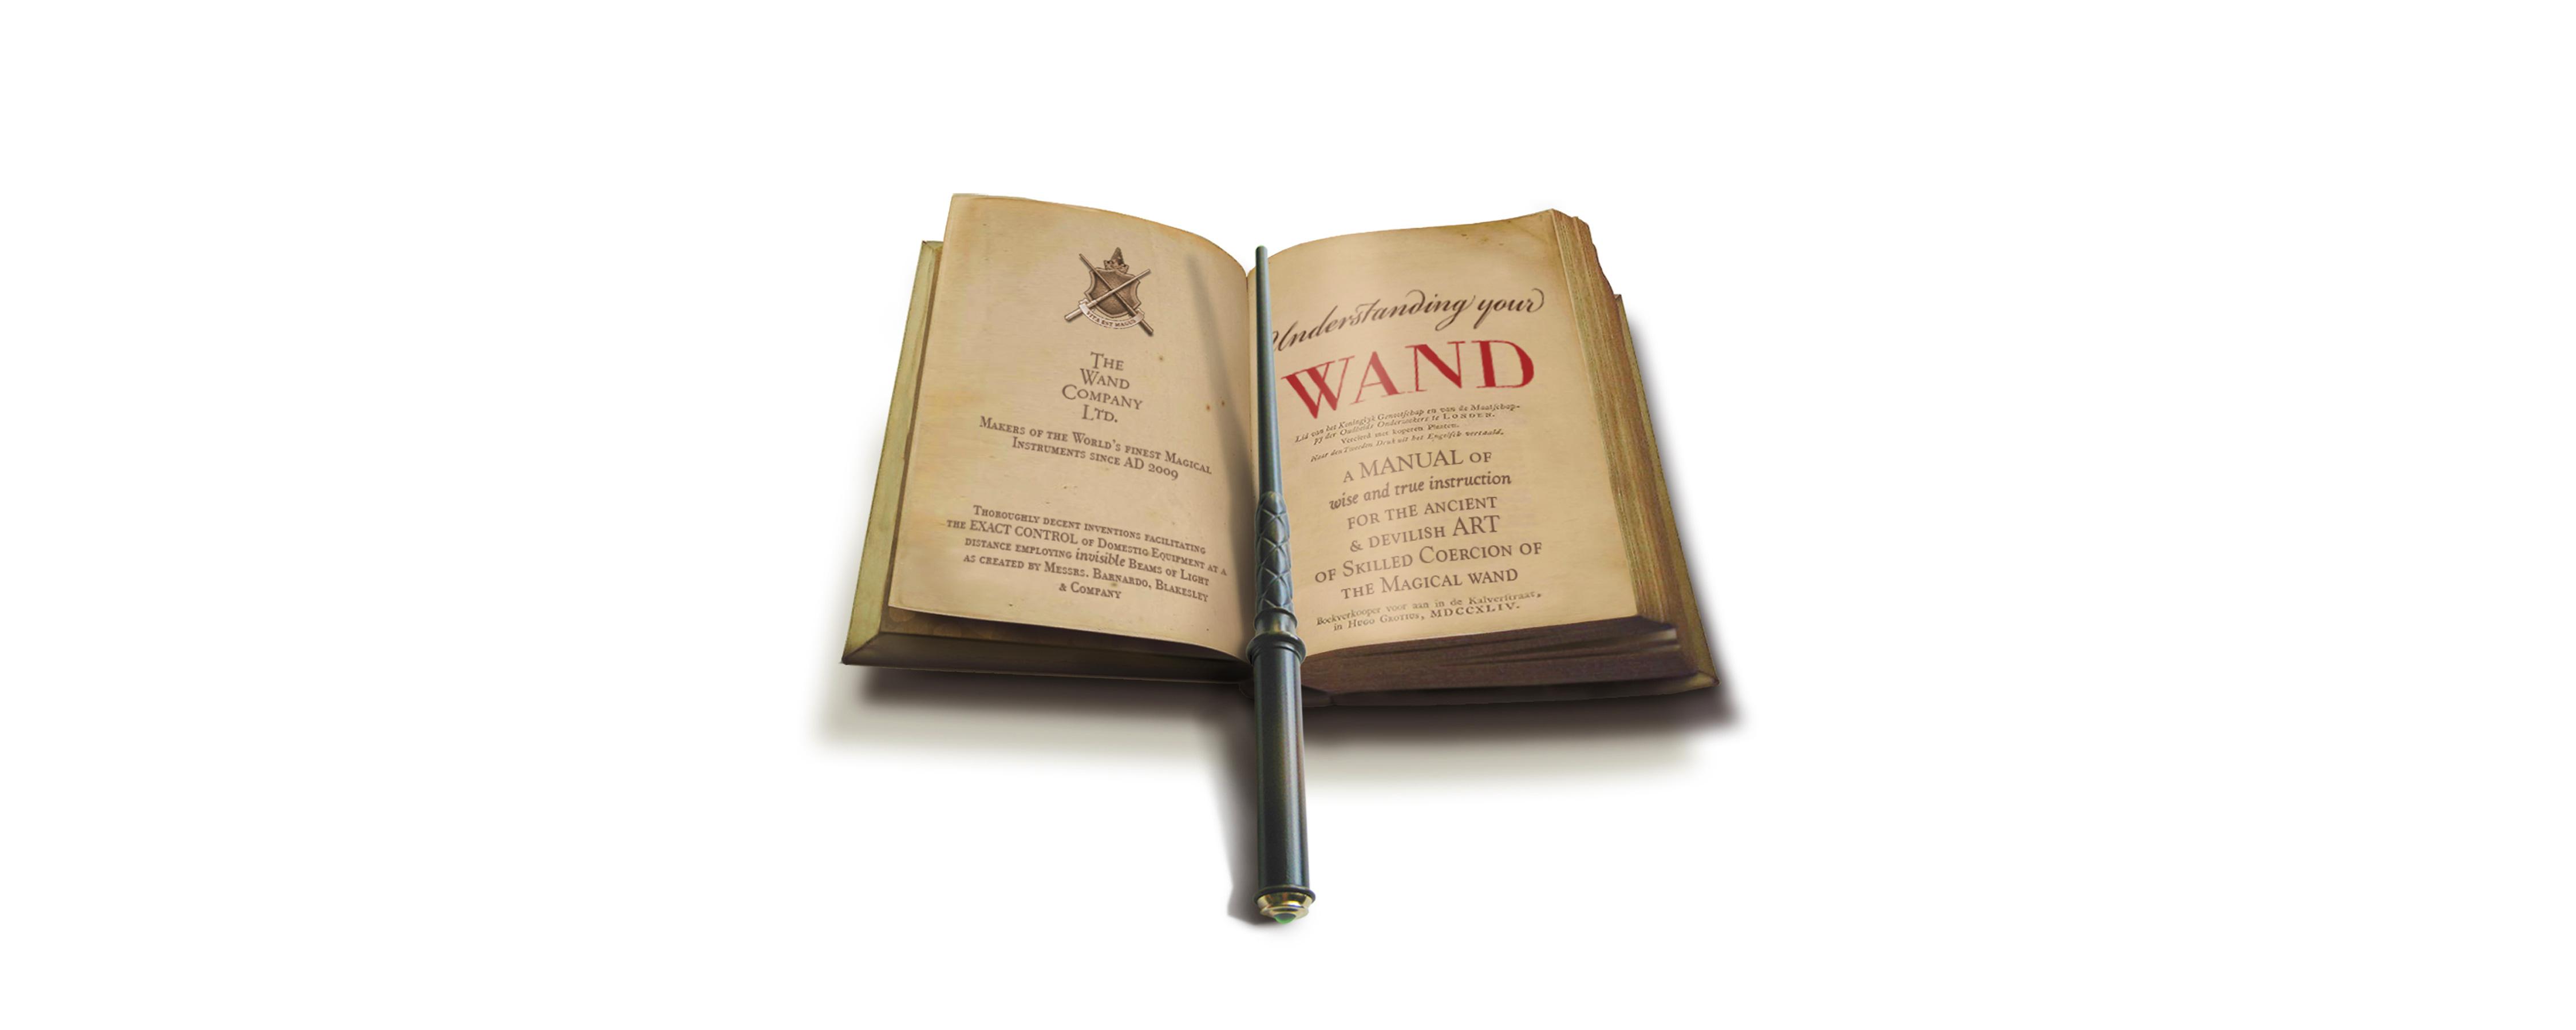 Kymera wand on book